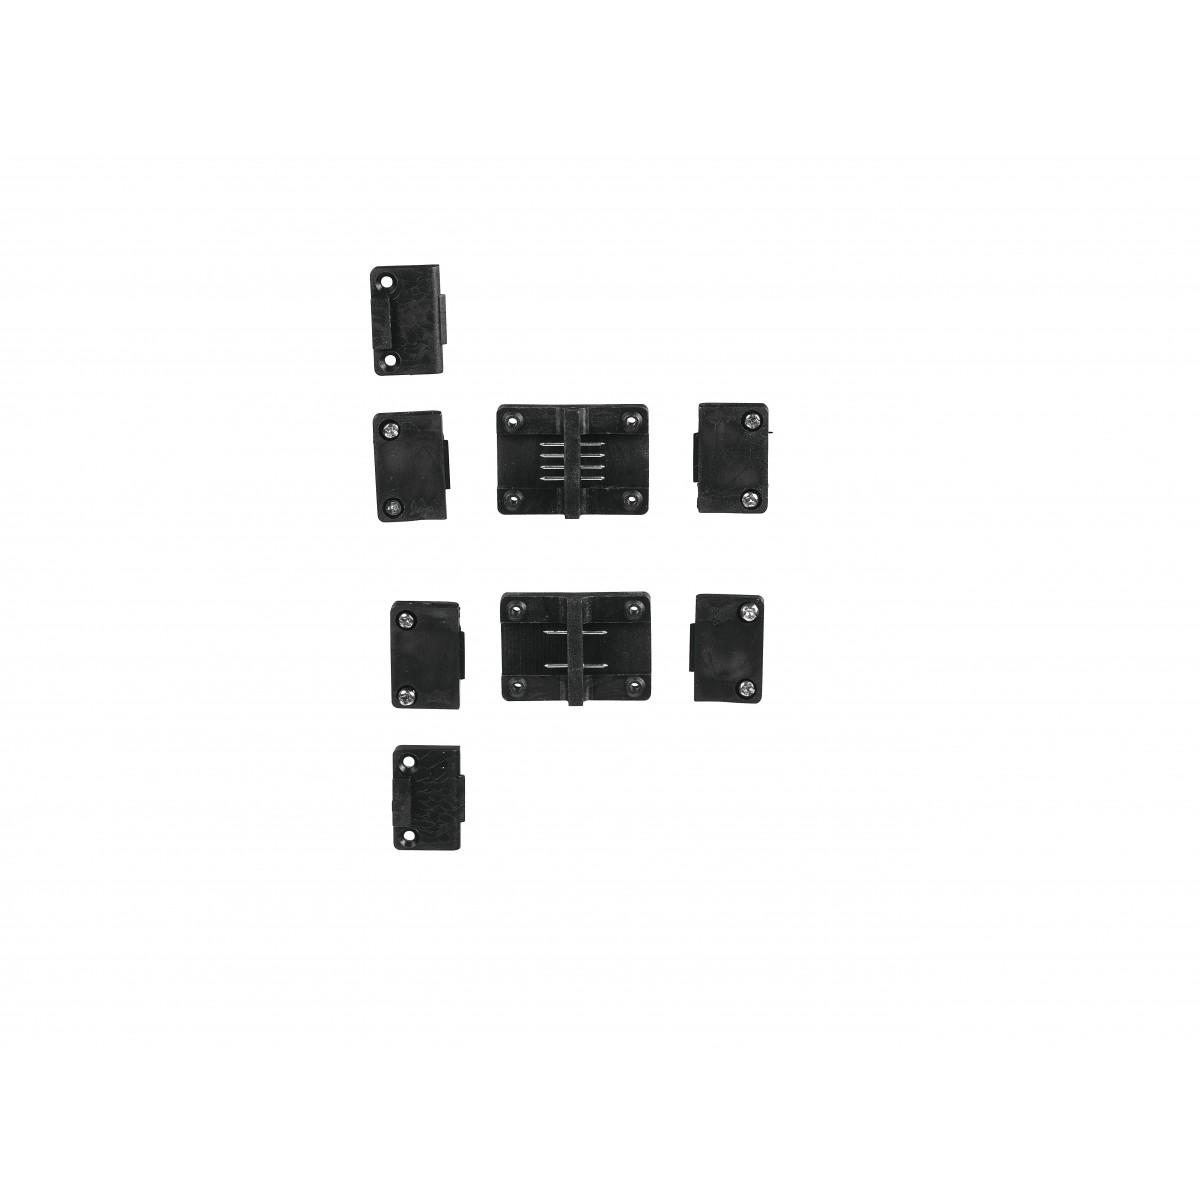 Mini connecteur pour bande led avec vis